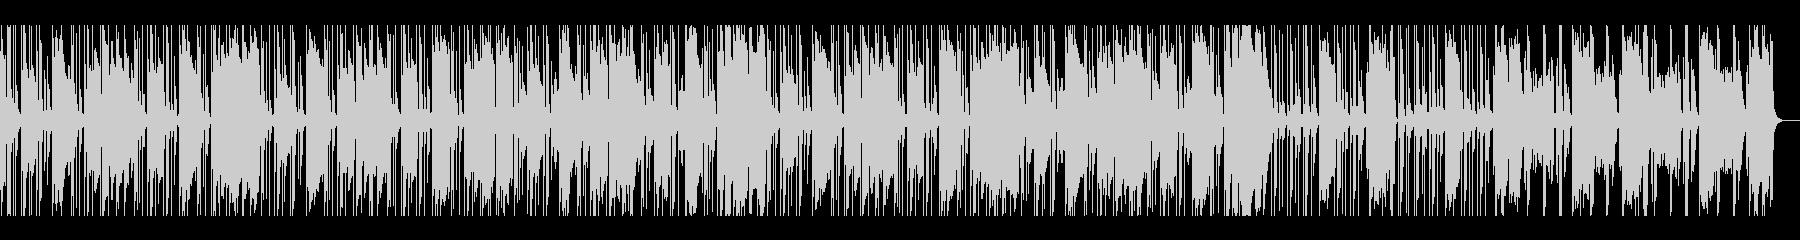 まぬけ・ずっこけ・ドジ・なシーンのBGMの未再生の波形